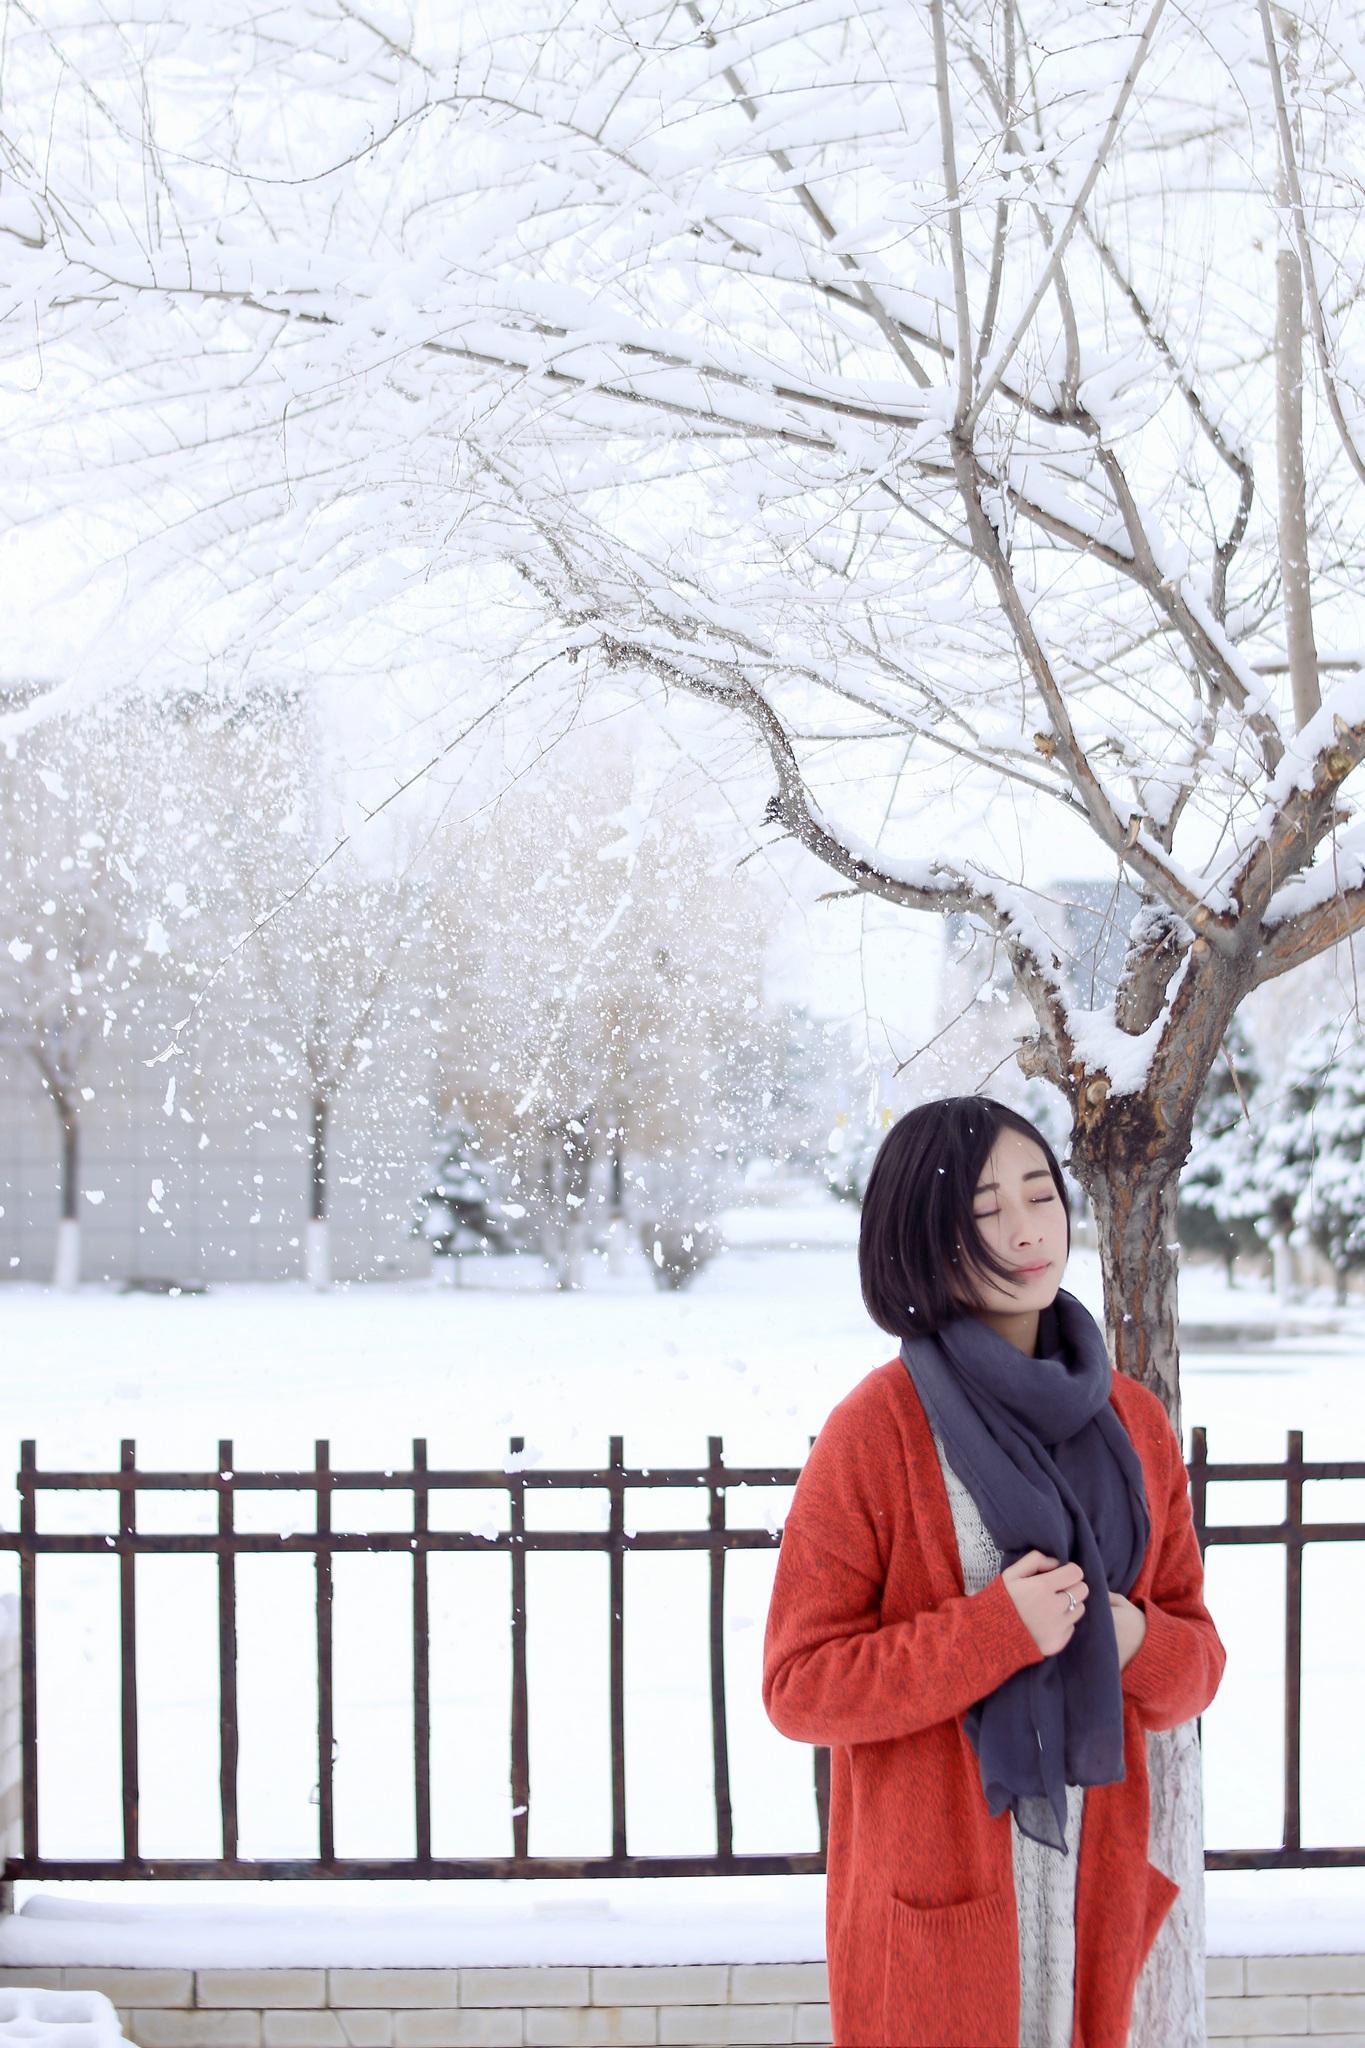 【现代时尚素材篇】雪里红,太美 - 浪漫人生 - .